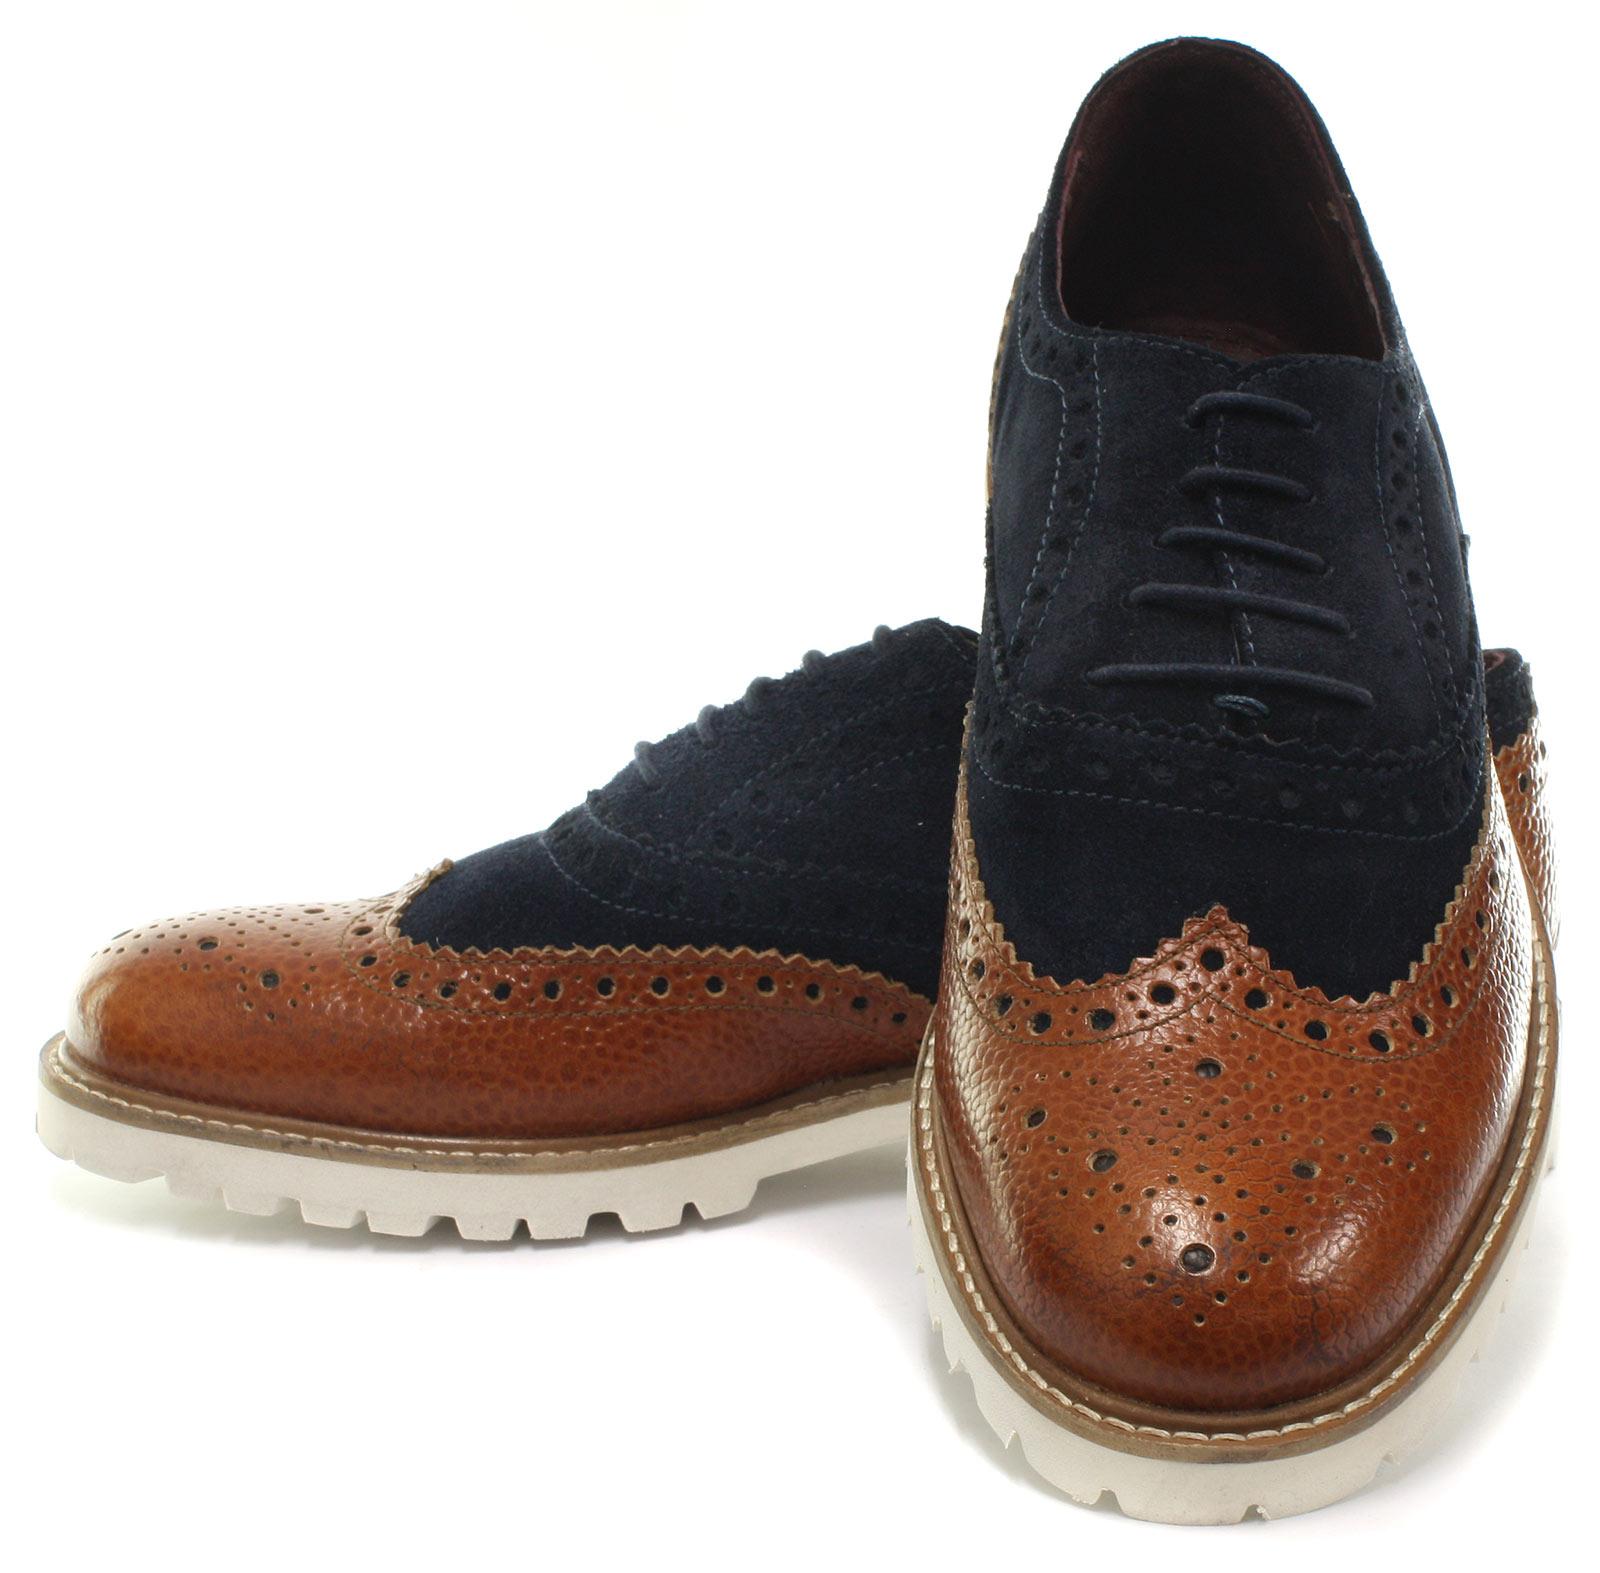 Scarpe casual da uomo    NEW London Brogues Jamie Da Uomo Oxford/CALATA Scarpe tutte le diuomosioni e colori 58f4df